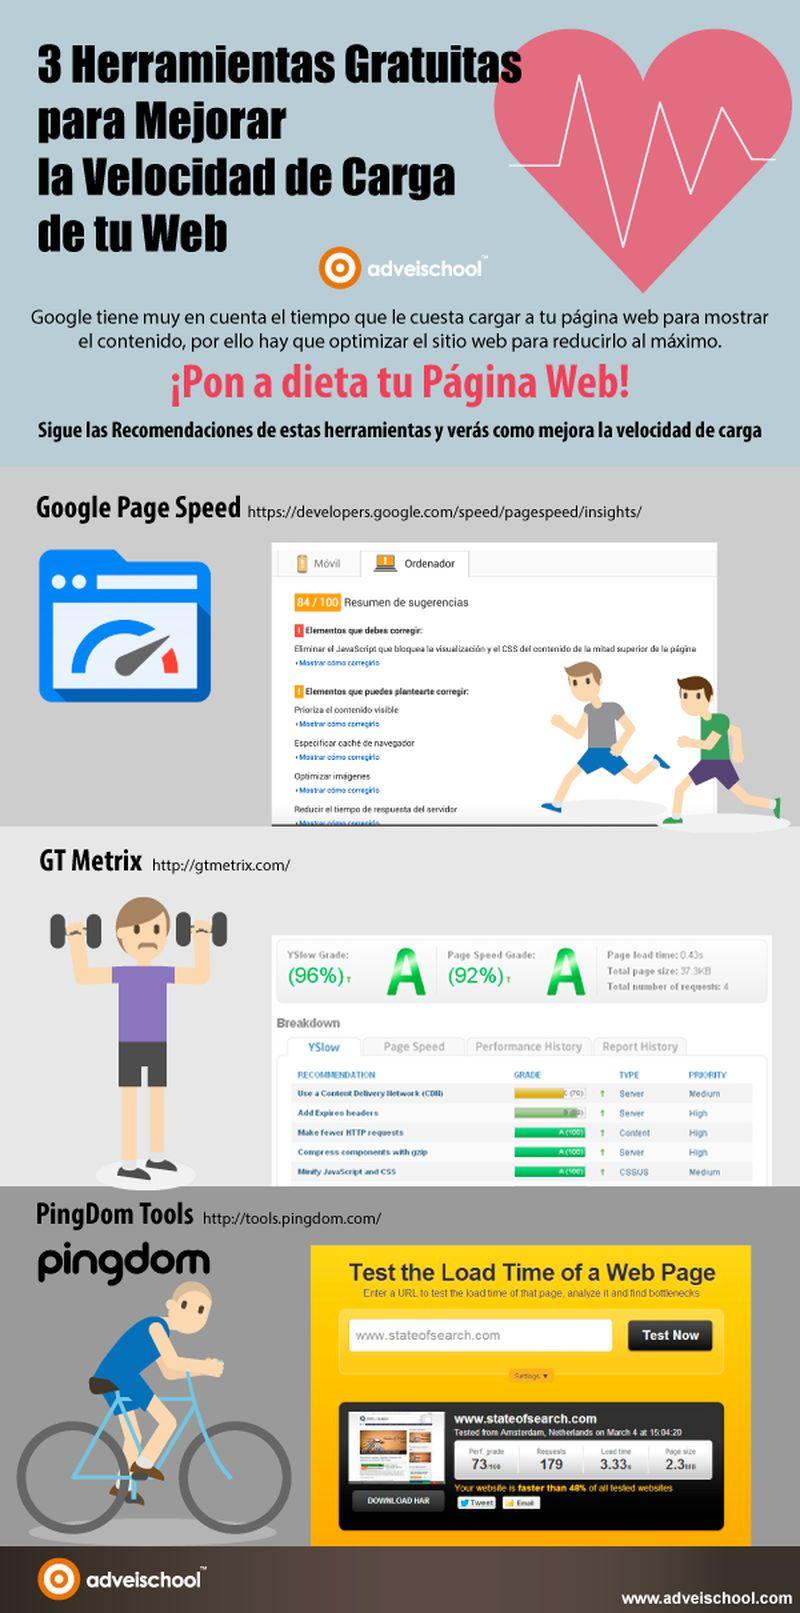 3 herramientas gratis para optimizar la carga de tu web (infografía)